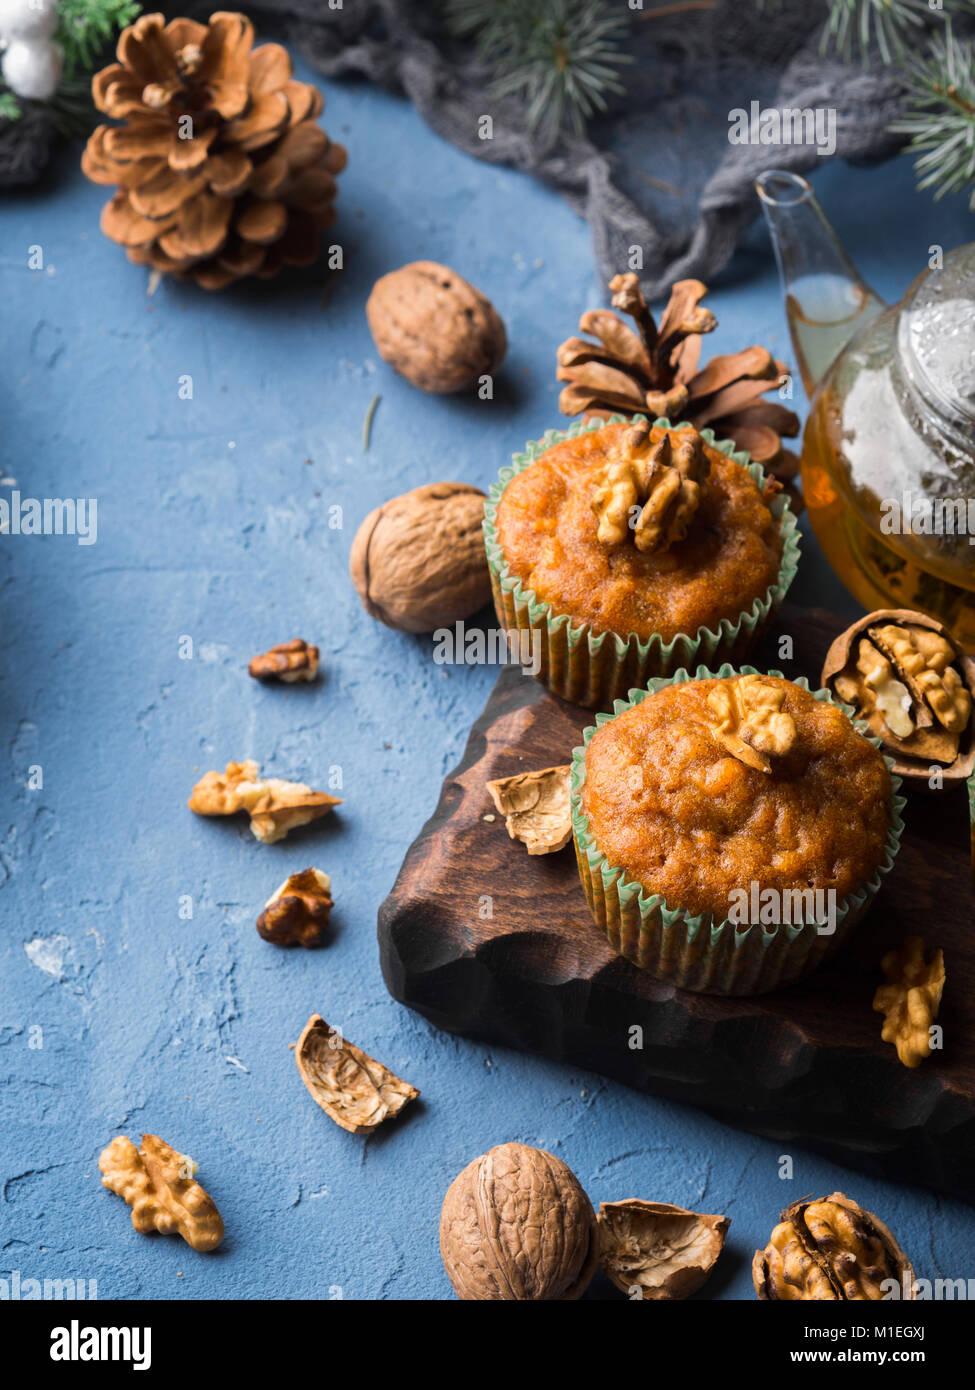 Home gemacht Karotten gewürzt Muffins mit Walnüssen. Winter Urlaub gönnen Stockbild